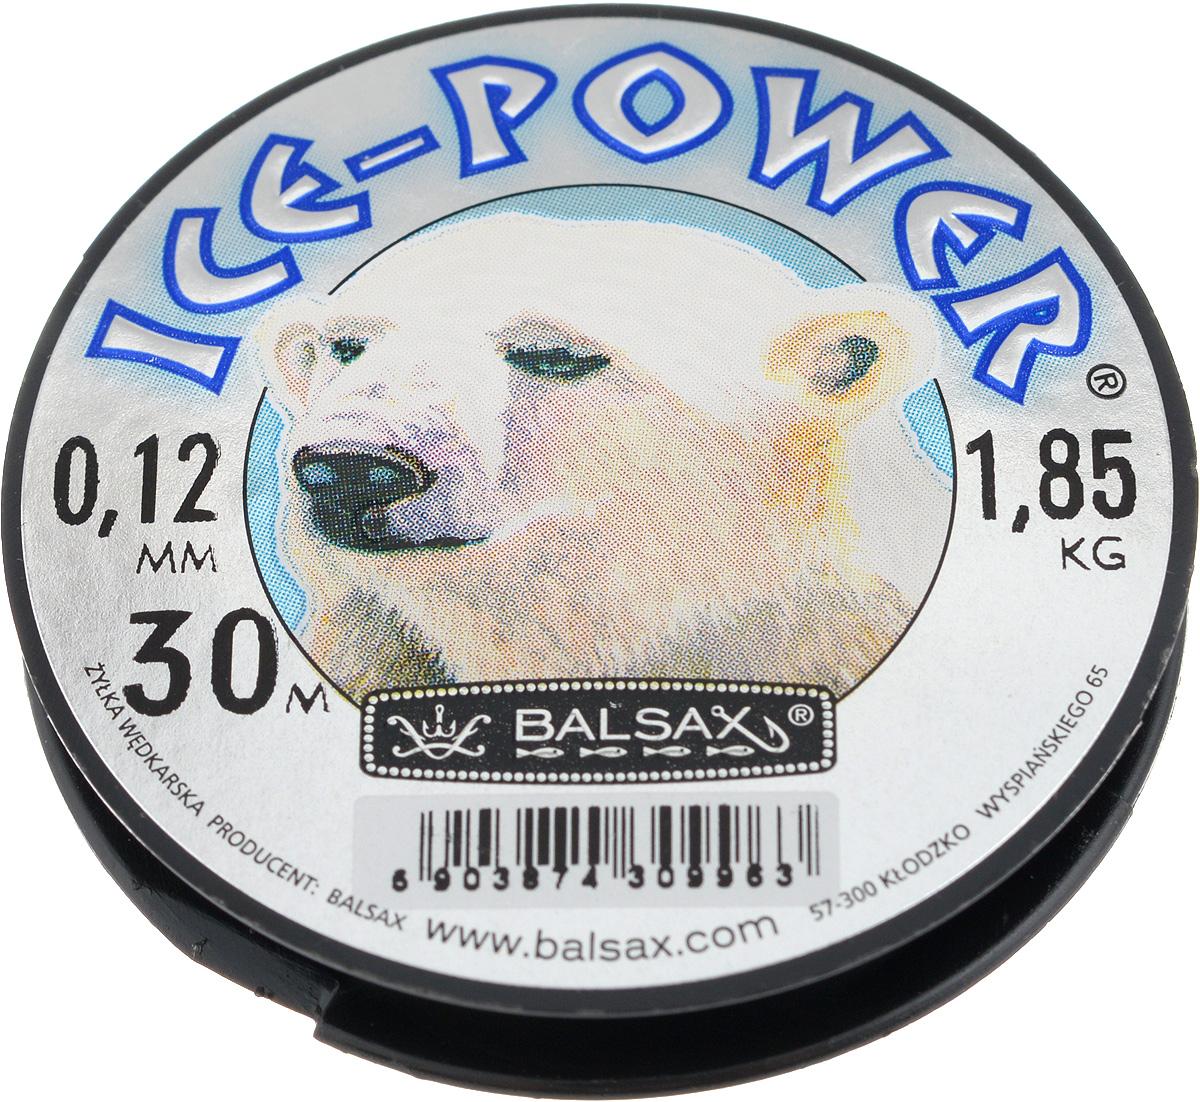 Леска зимняя Balsax Ice Power, 30 м, 0,12 мм, 1,85 кг310-05012Леска Balsax Ice Power изготовлена из 100% нейлона и очень хорошо выдерживает низкие температуры. Даже в самом холодном климате, при температуре вплоть до -40°C, она сохраняет свои свойства практически без изменений, в то время как традиционные лески становятся менее эластичными и теряют прочность. Поверхность лески обработана таким образом, что она не обмерзает и отлично подходит для подледного лова. Прочна в местах вязки узлов даже при минимальном диаметре.